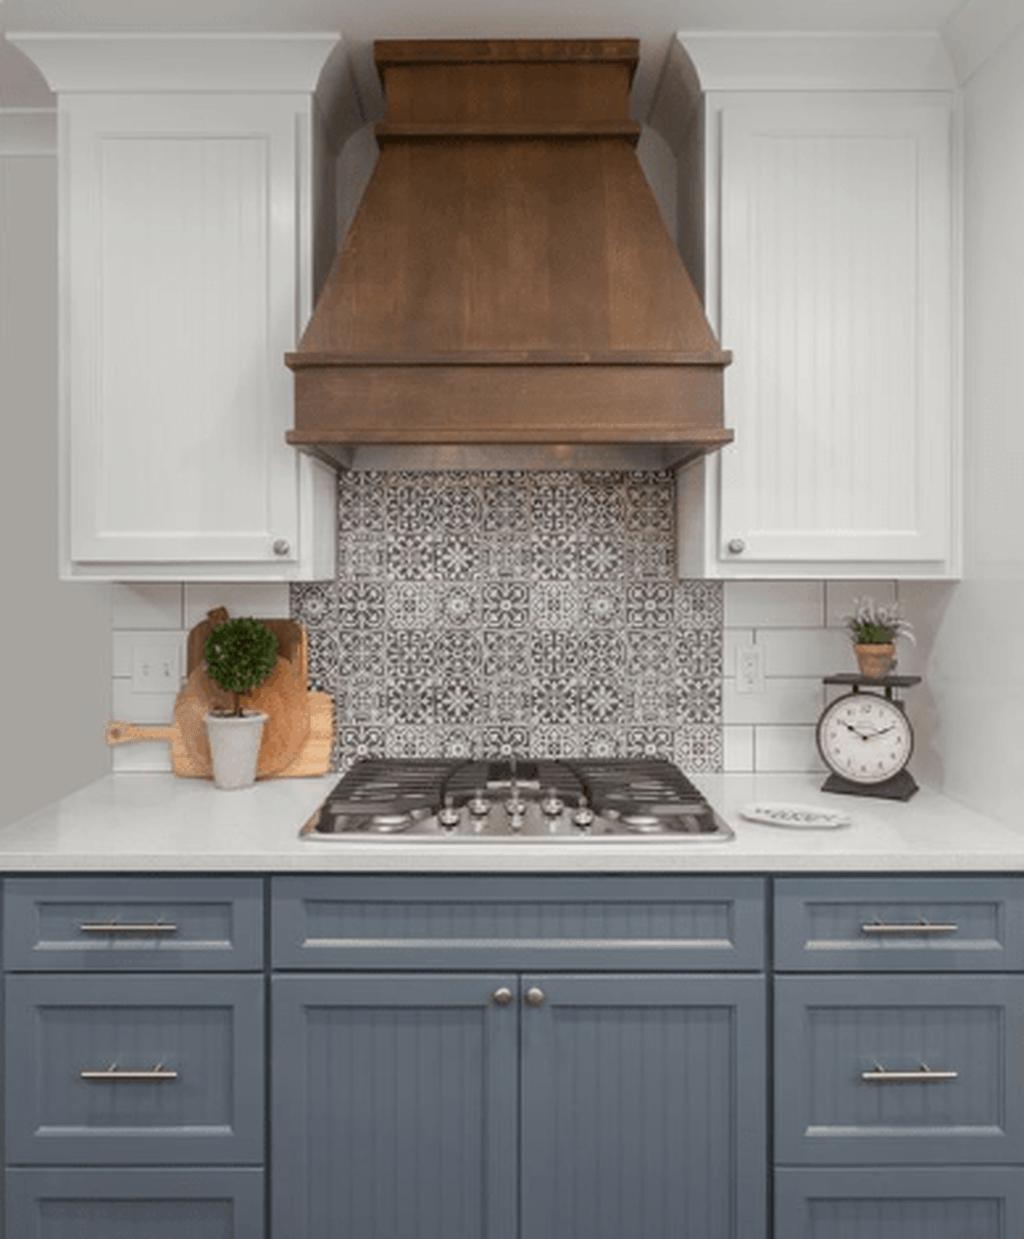 Awesome Creative Kitchen Backsplash Ideas 38